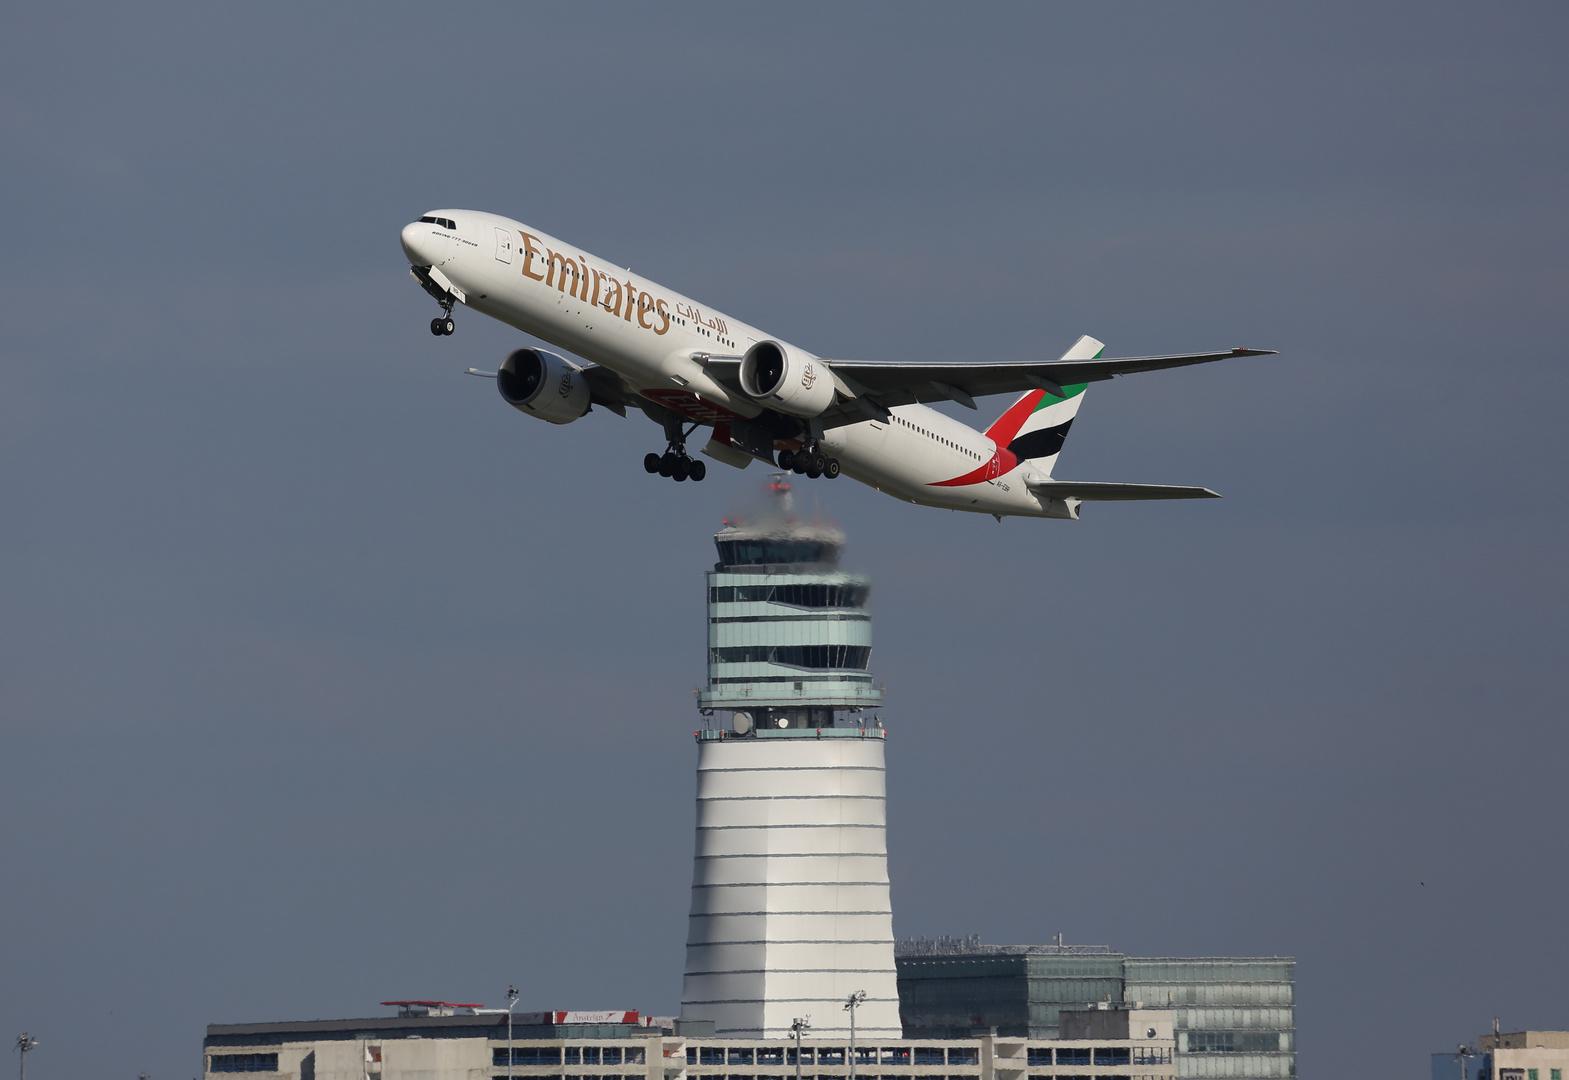 'Emirates'